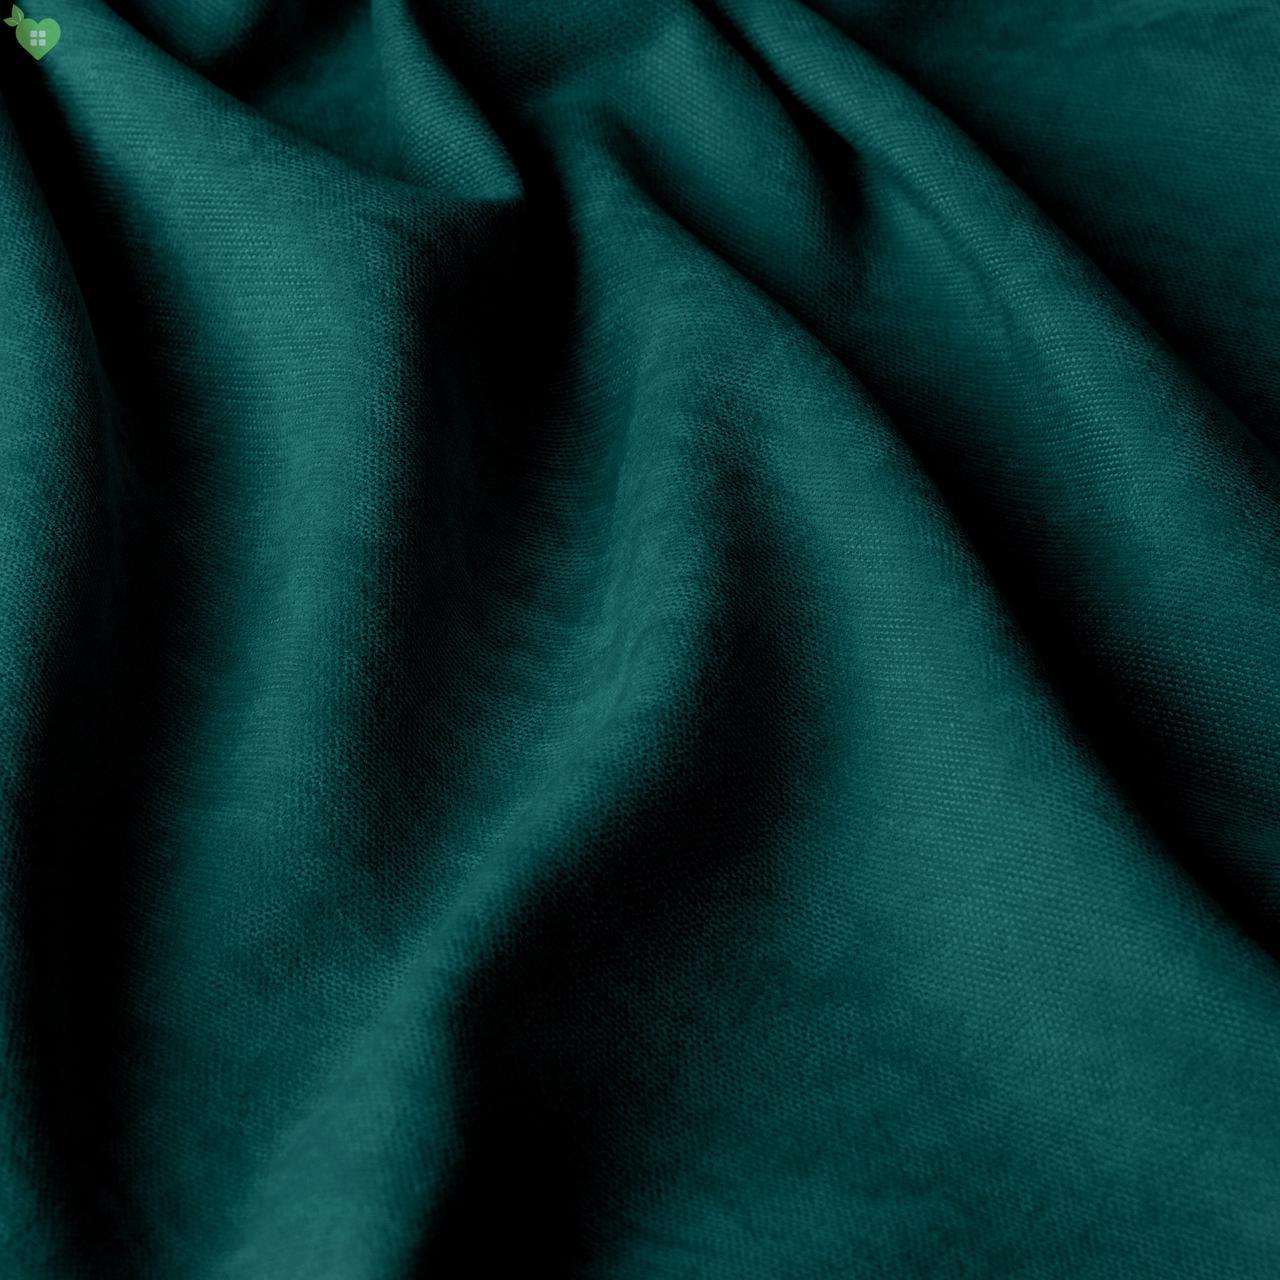 Однотонная декоративная ткань велюр цвета темного изумруда 84369v23